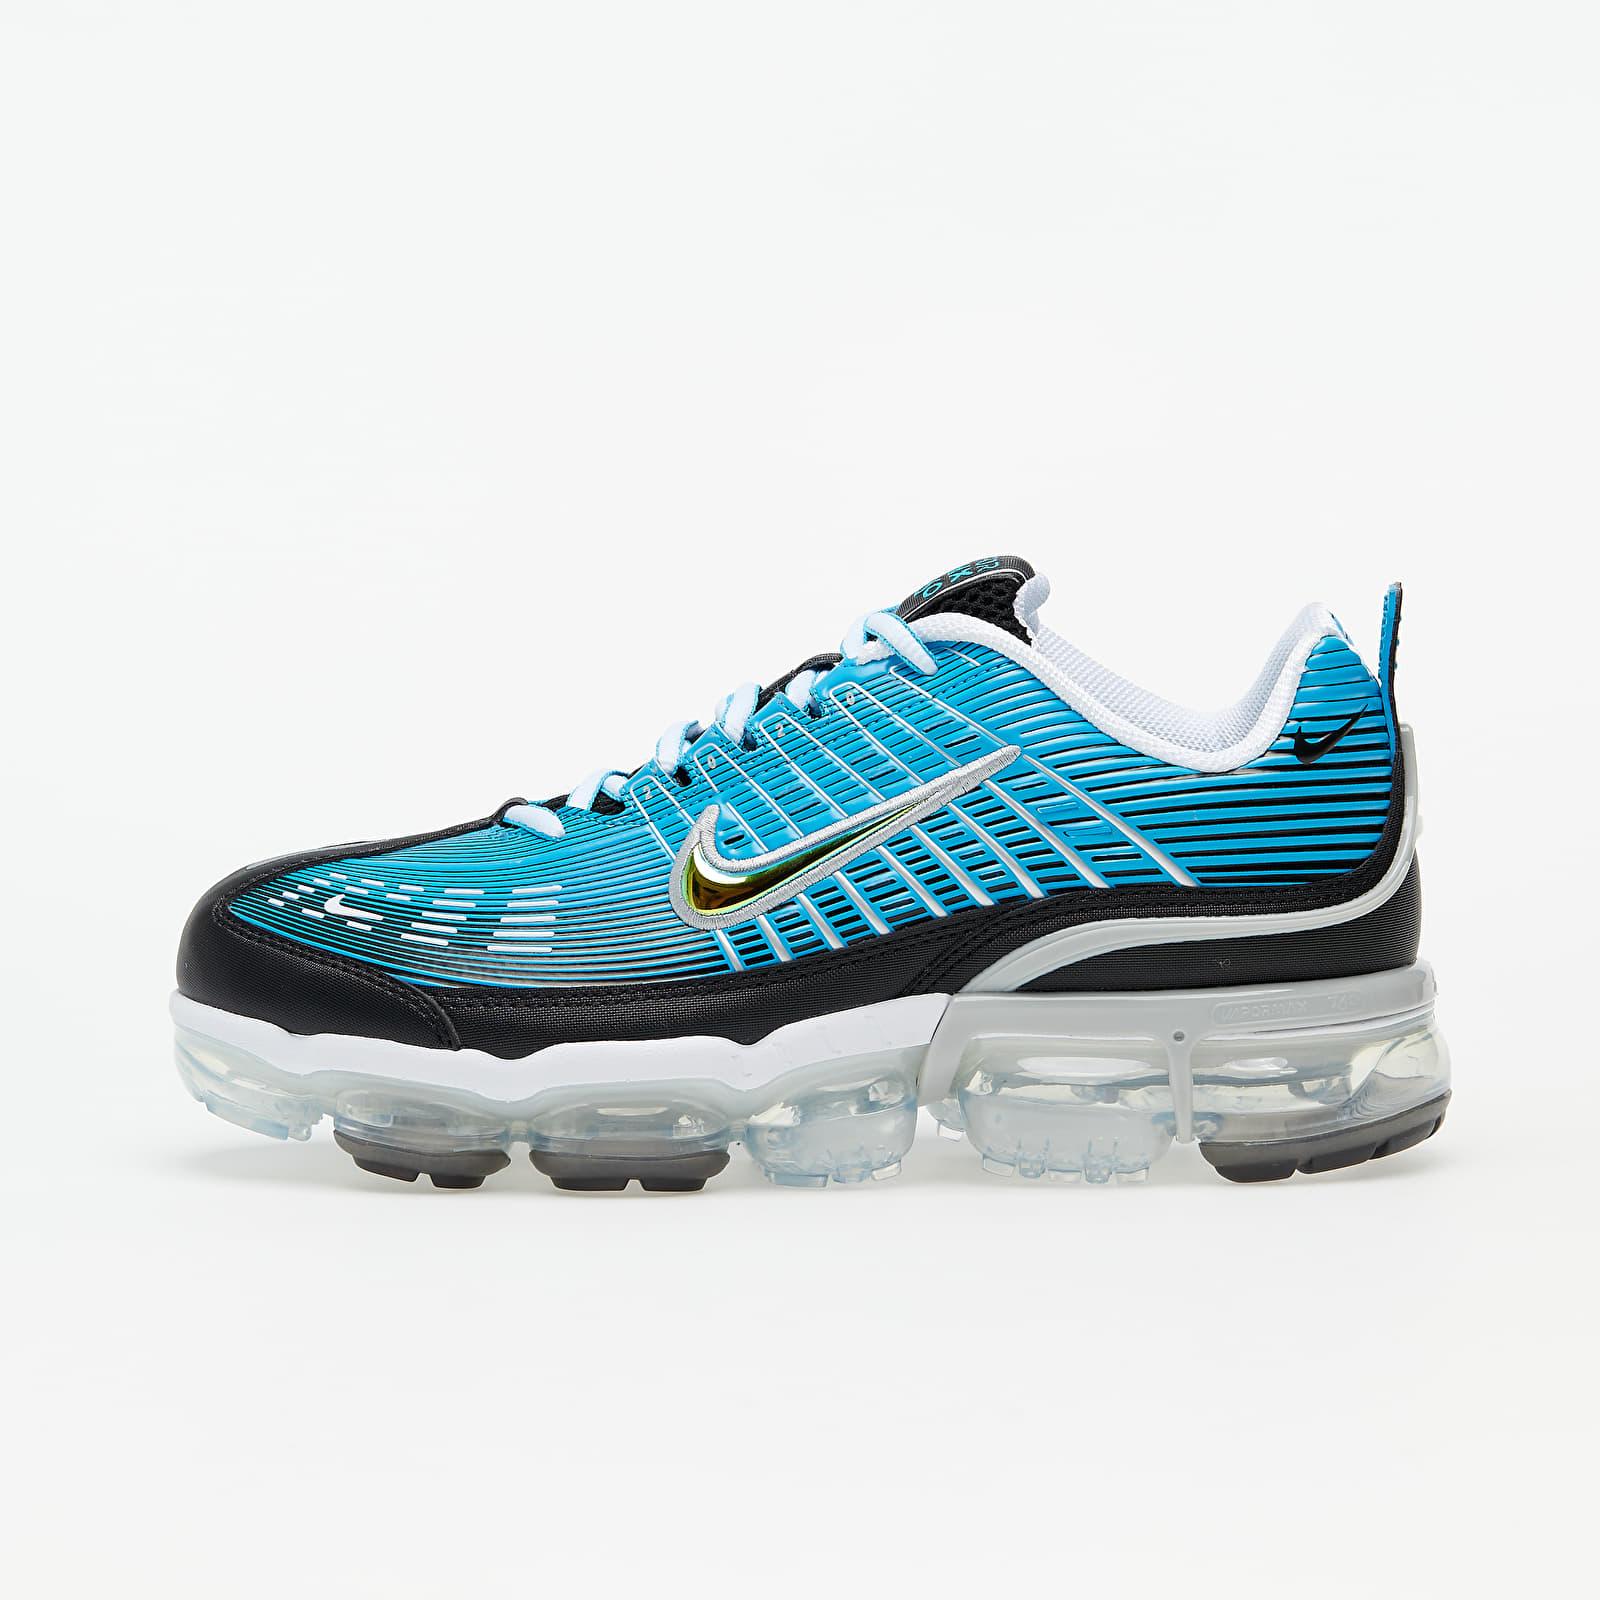 Pánské tenisky a boty Nike Air Vapormax 360 Laser Blue/ Black-White-Lt Smoke Grey